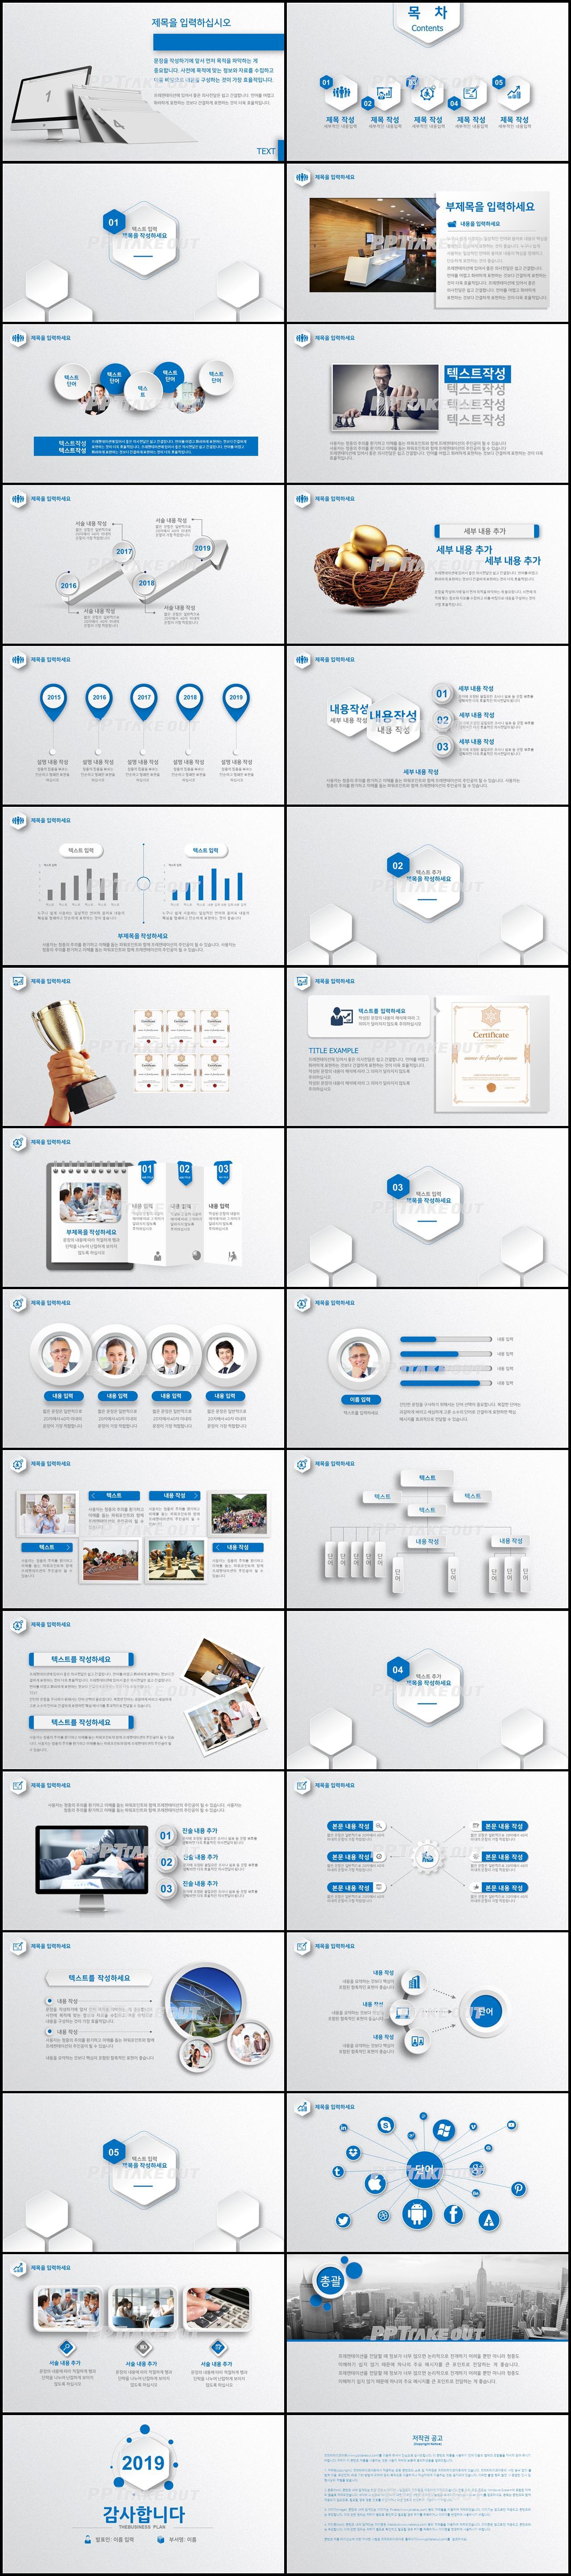 기업홍보 블루 심플한 프로급 파워포인트탬플릿 사이트 상세보기